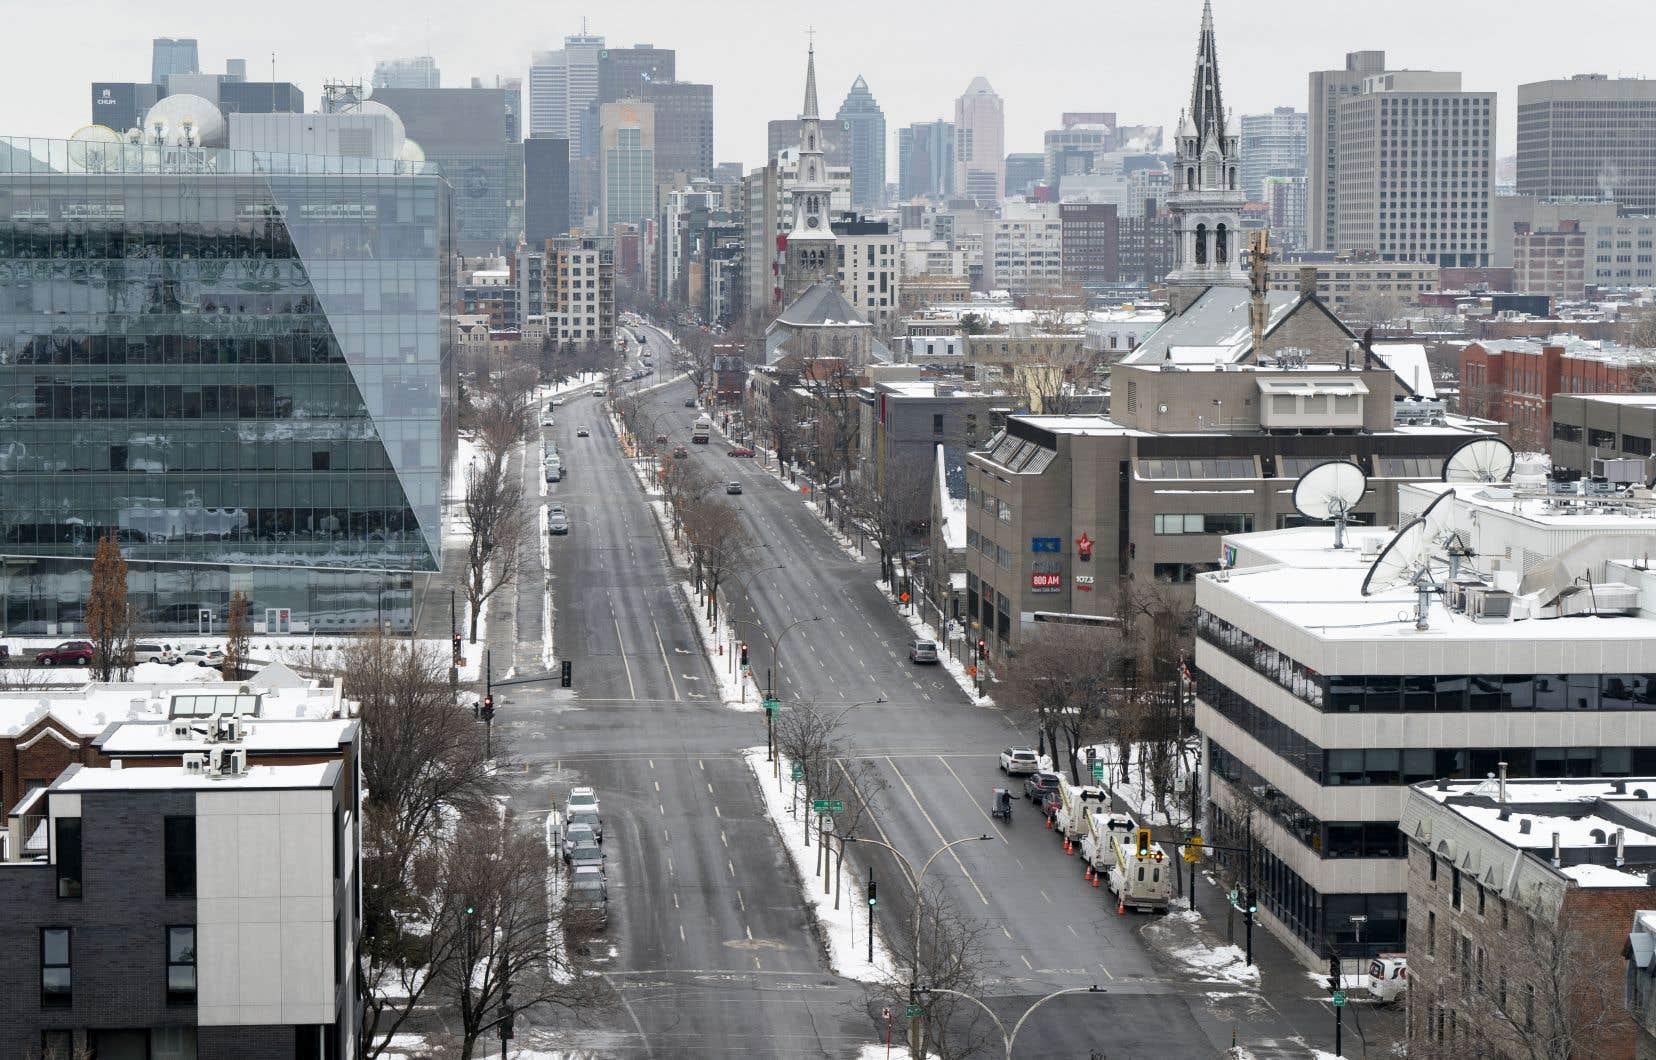 27000 personnes sont venues s'établir à Montréal en provenance des autres régions du Québec, pendant que 62900 l'ont quittée pour une autre région.